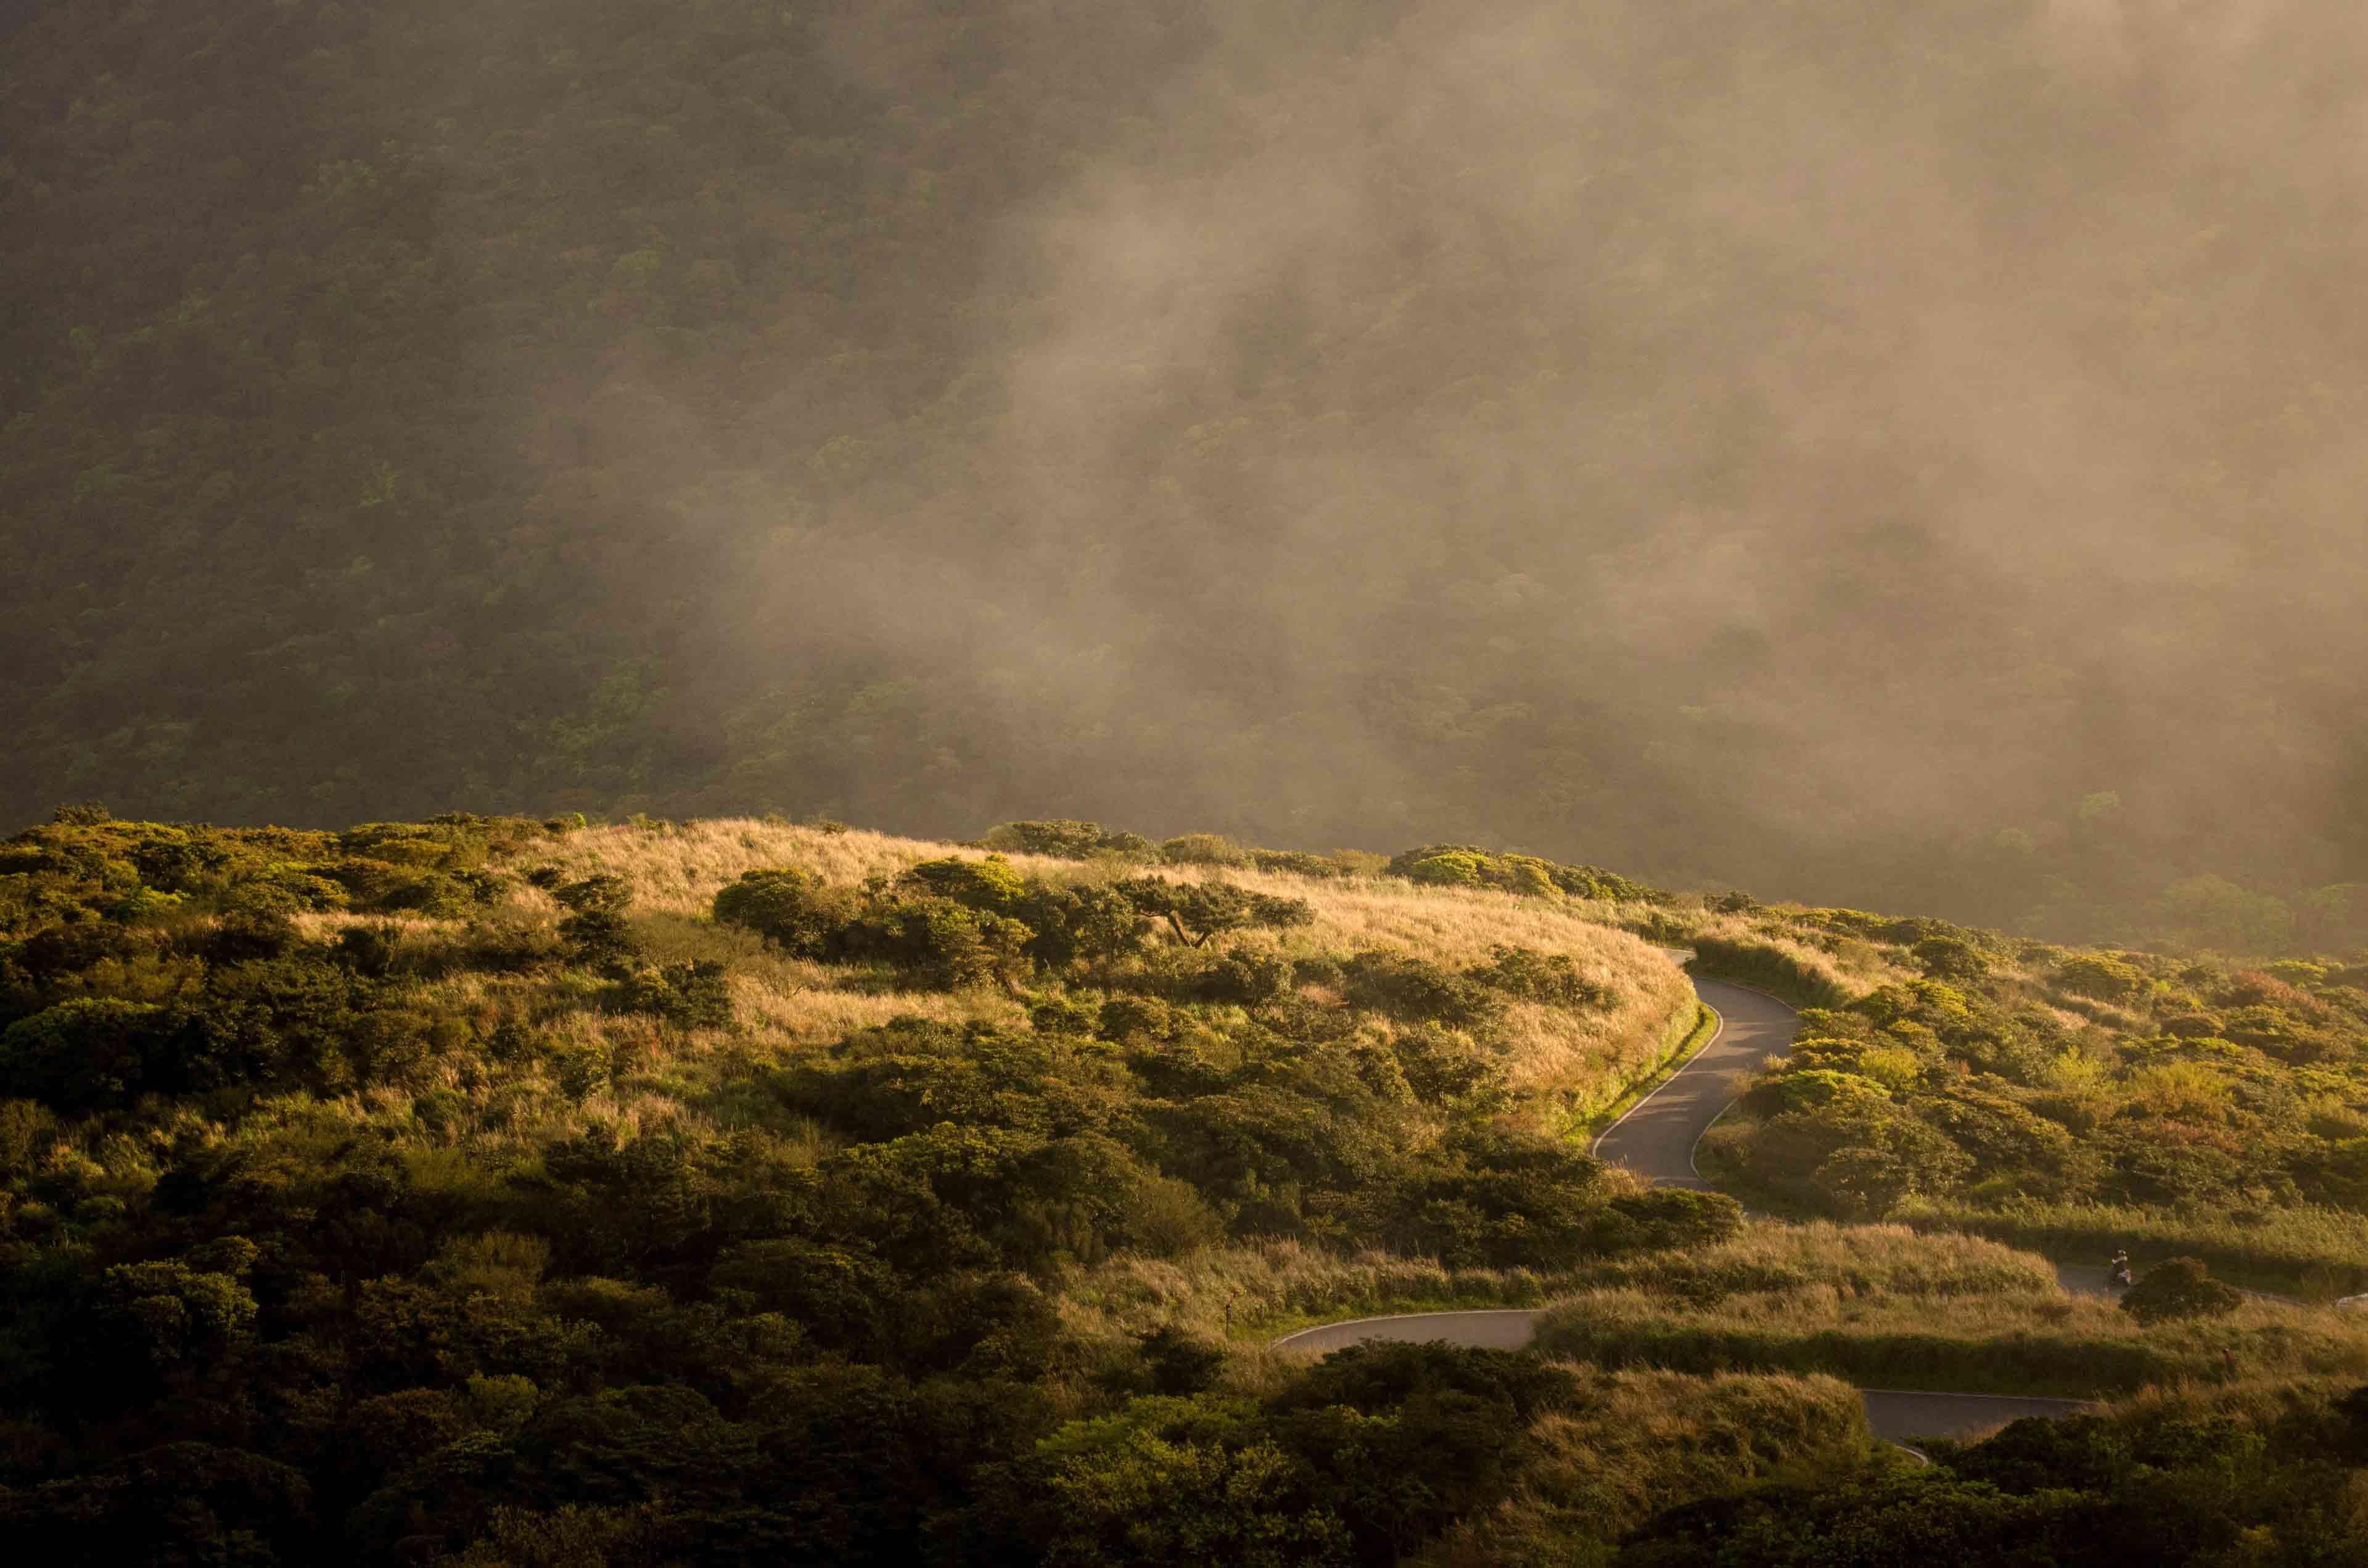 屬於台灣山岳的公路車爬坡難度分級系統